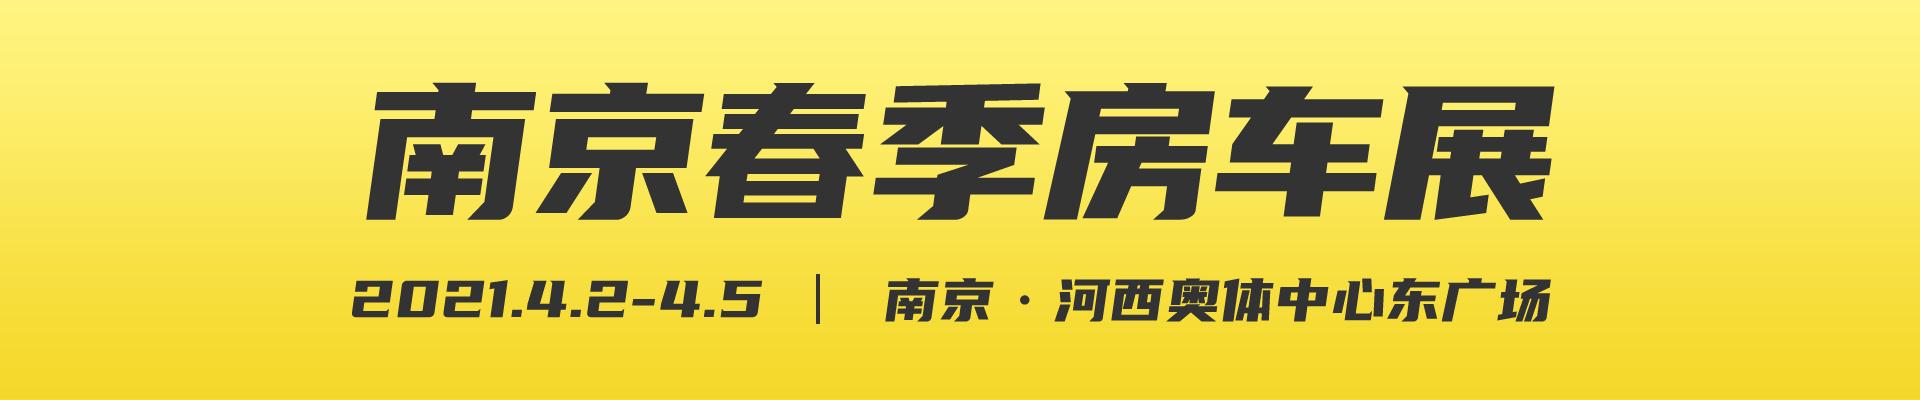 4月2日 南京房车展惊艳华东,跟房车来场樱花之约